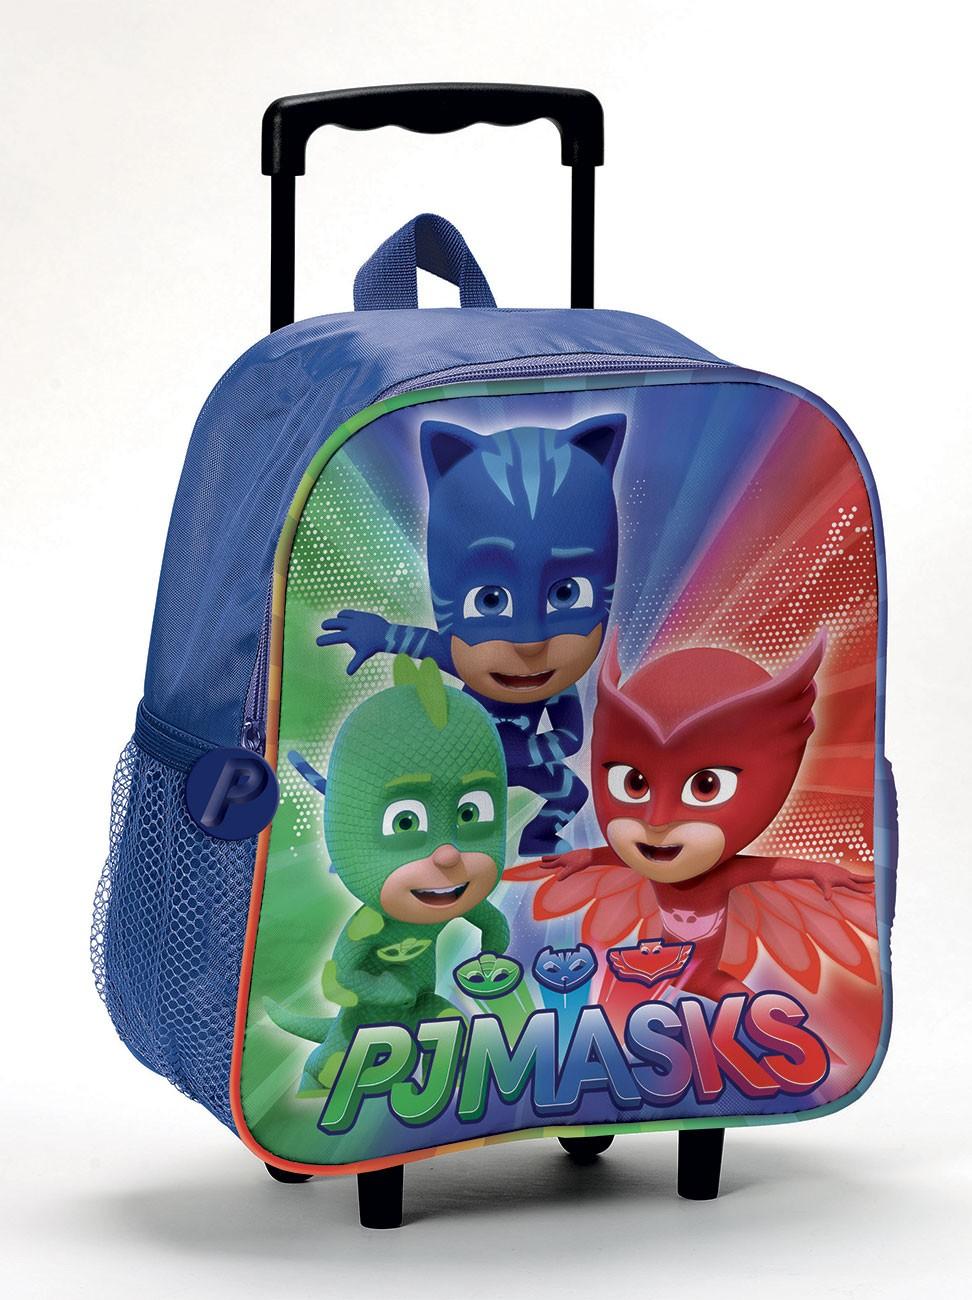 Zaino per Bambini Pj Mask Zaino Trolley